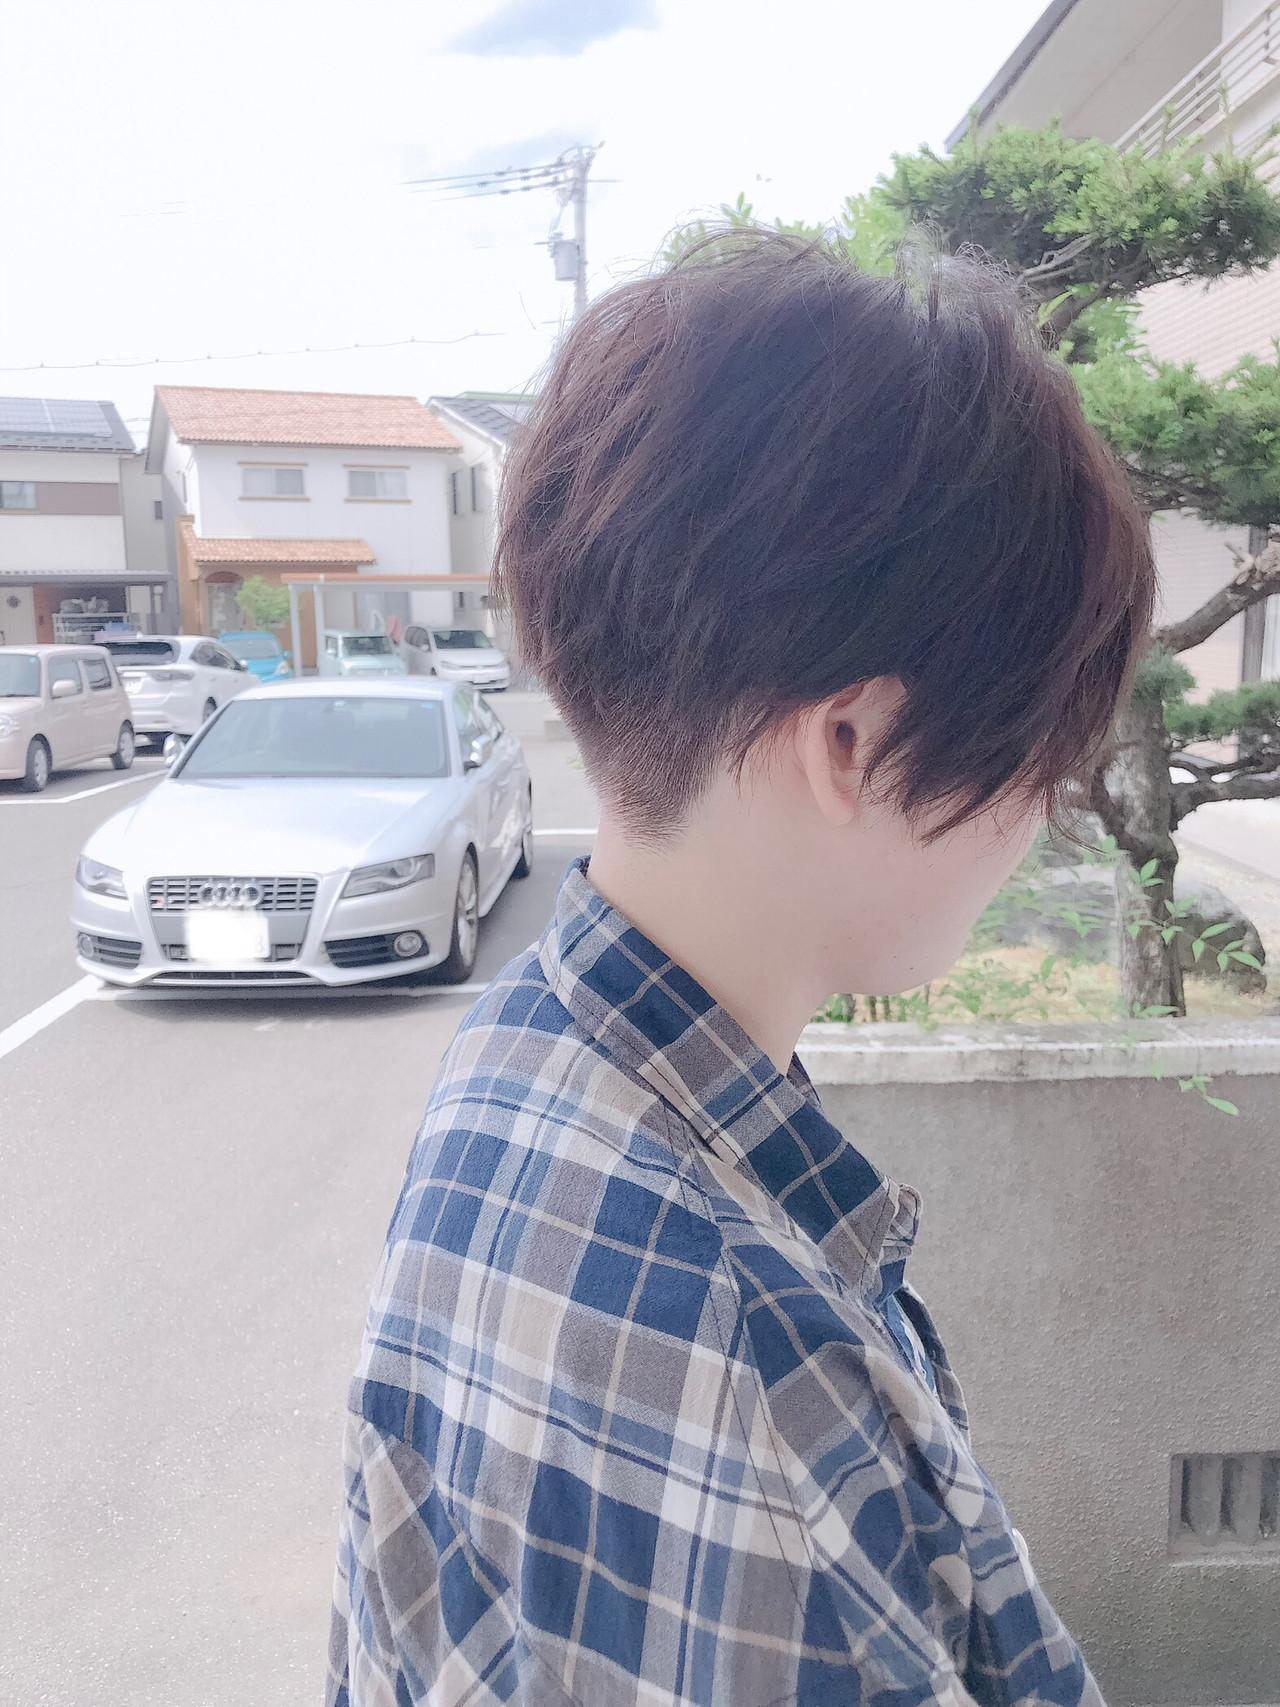 ジェンダーレス 小顔ショート ショート ショートヘア ヘアスタイルや髪型の写真・画像 | 北川友理 / unsung